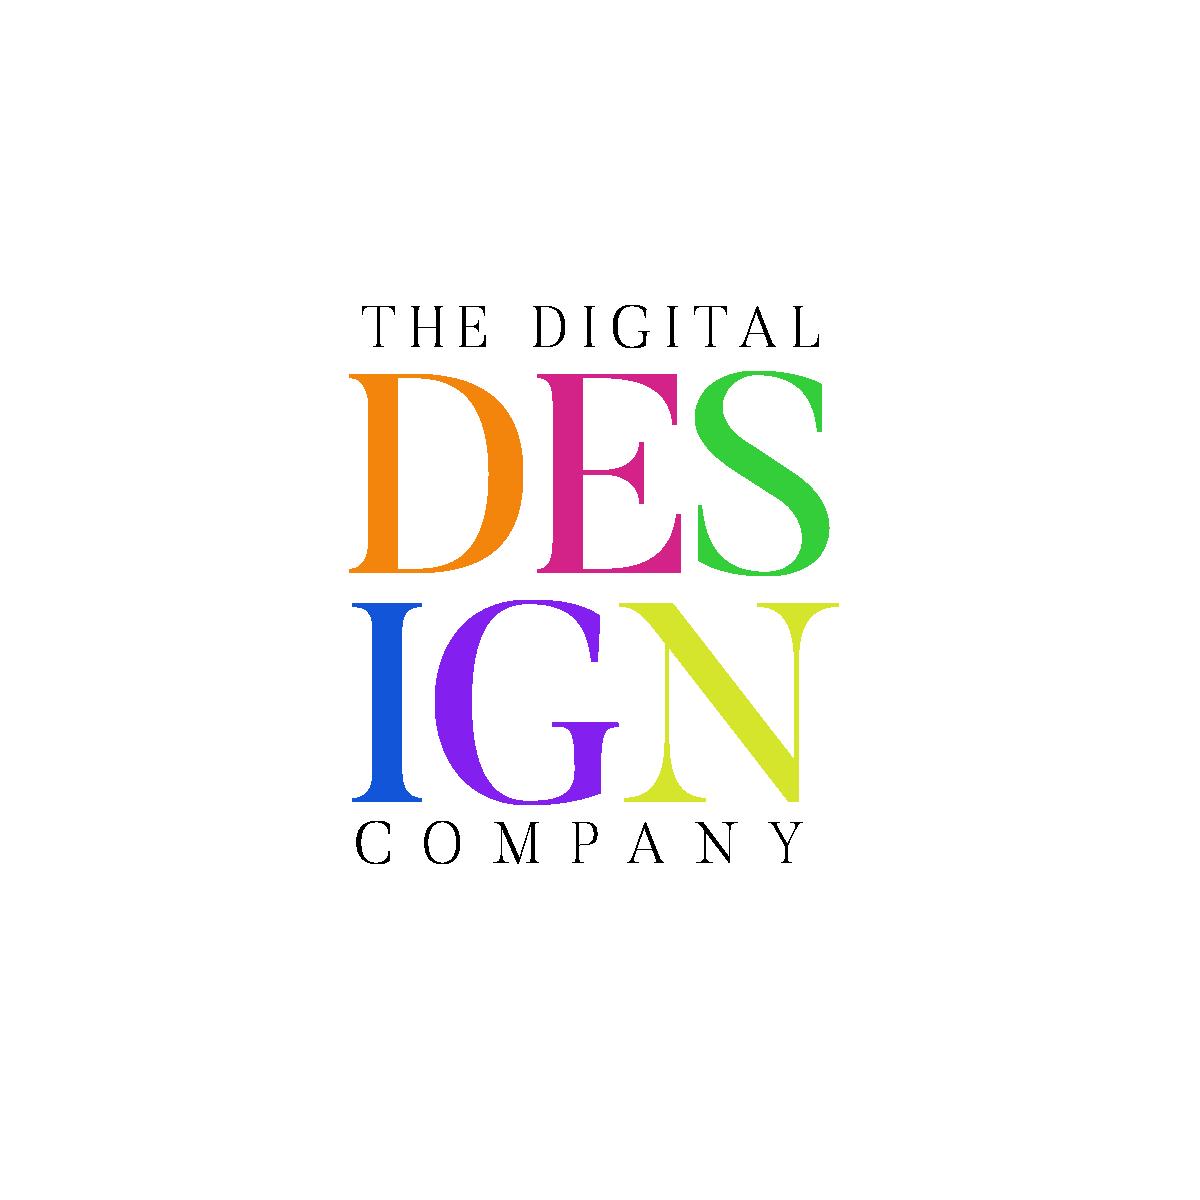 The Digital Design Company logo